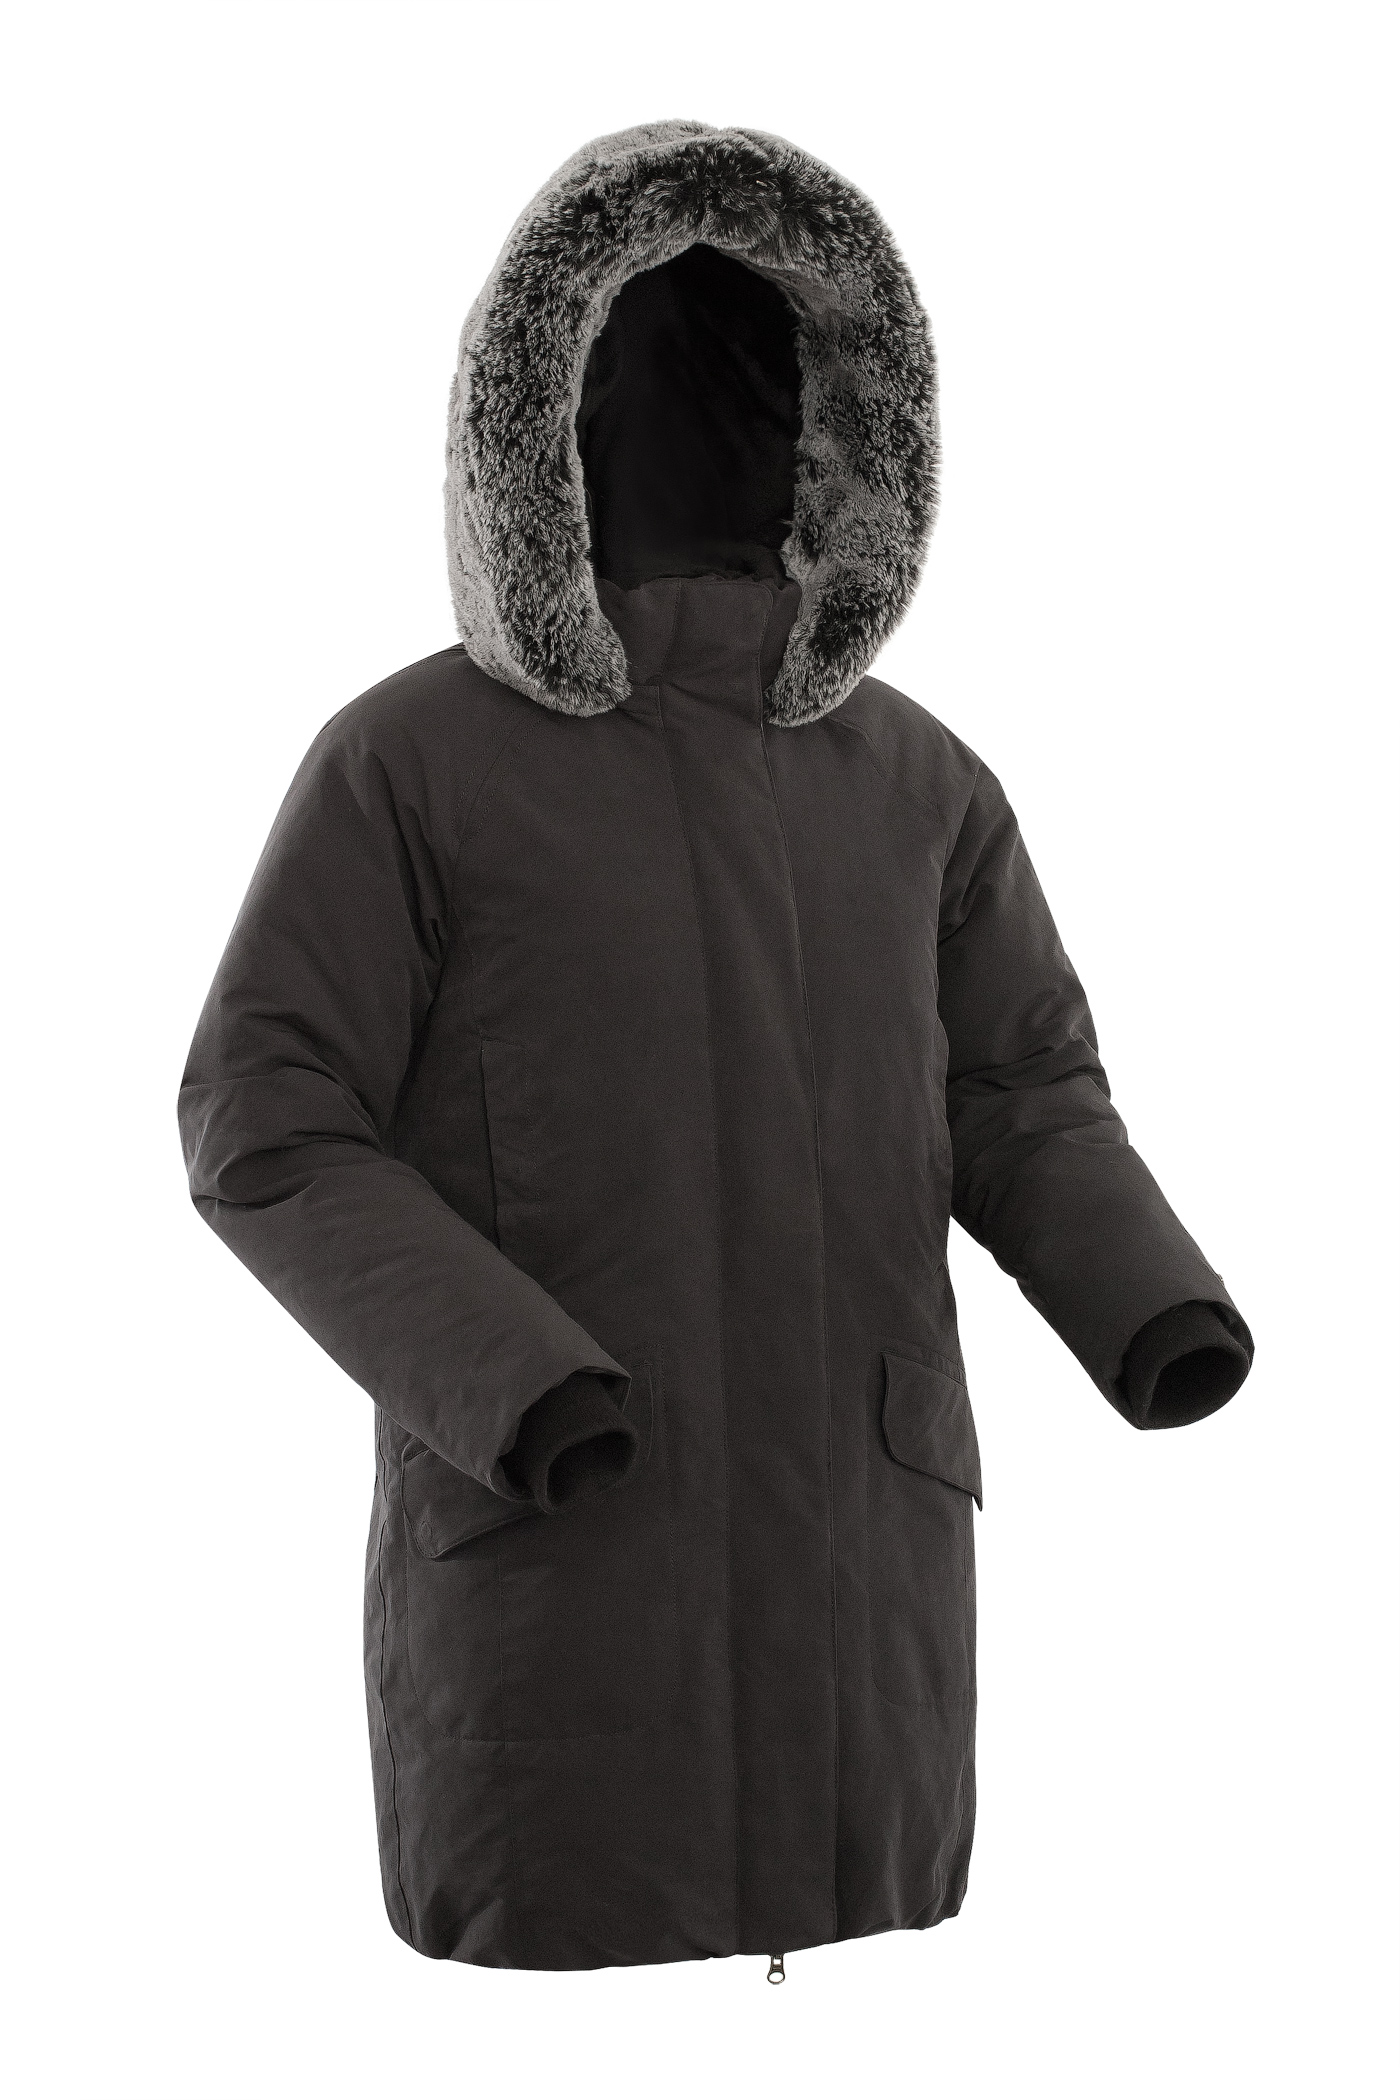 Куртка BASK ISIDA 1505Куртки<br><br><br>Ветро-влагозащитные свойства верхней ткани: Да<br>Ветрозащитная планка: Да<br>Ветрозащитная юбка: Нет<br>Внутренние манжеты: Да<br>Дублирующий центральную молнию клапан: Да<br>Коллекция: BASK City<br>Регулировка манжетов рукавов: Нет<br>Световозвращающая лента: Нет<br>Технология Thermal Welding: Нет<br>Тип утеплителя: Натуральный<br>Утеплитель: Гусиный пух<br>Размер RU: 46<br>Цвет: ЧЕРНЫЙ